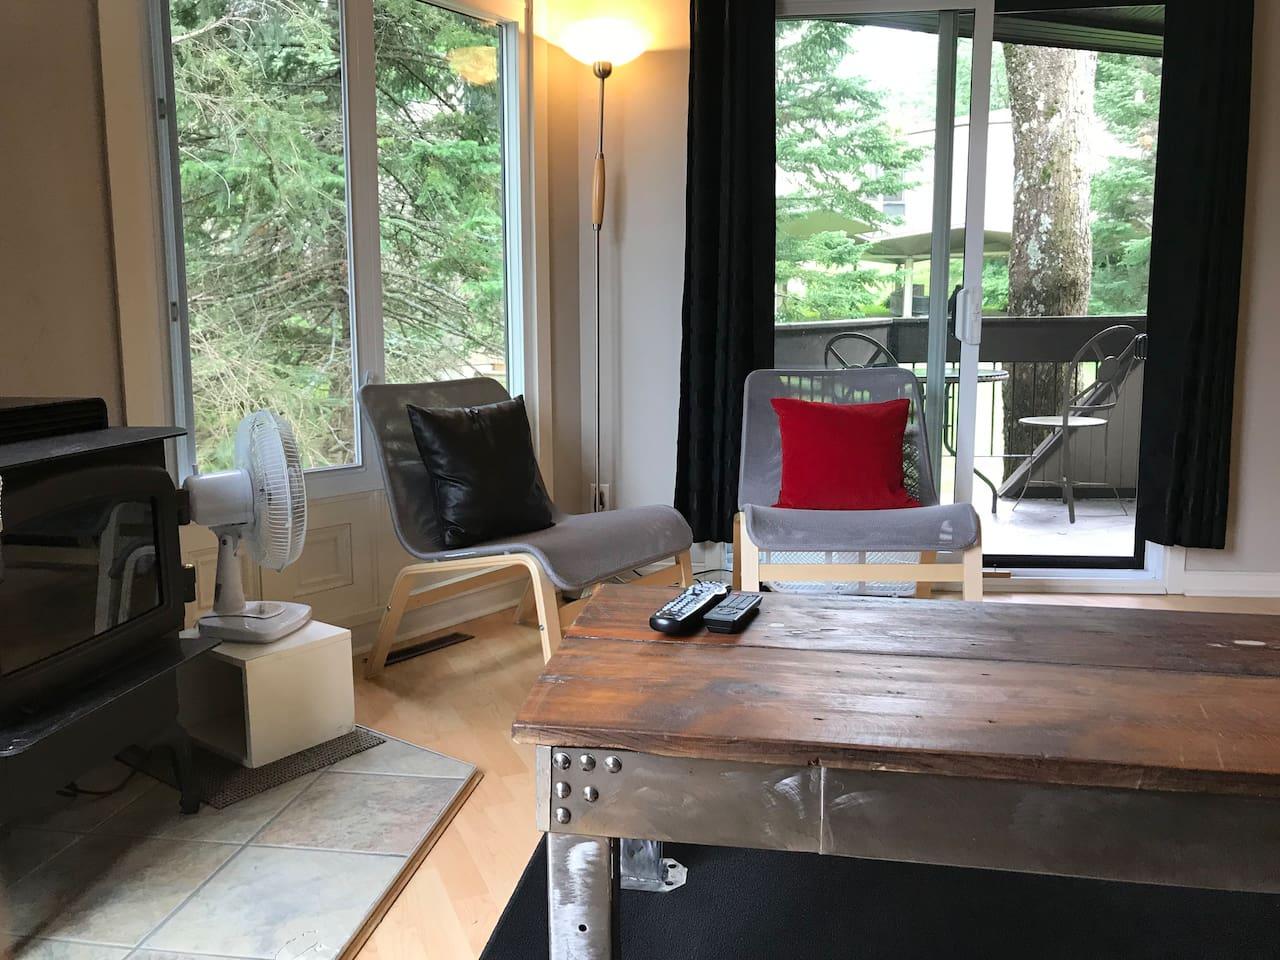 Living-room bien éclairé de jour avec accès à un balcon privé et poêle à bois fonctionnel.